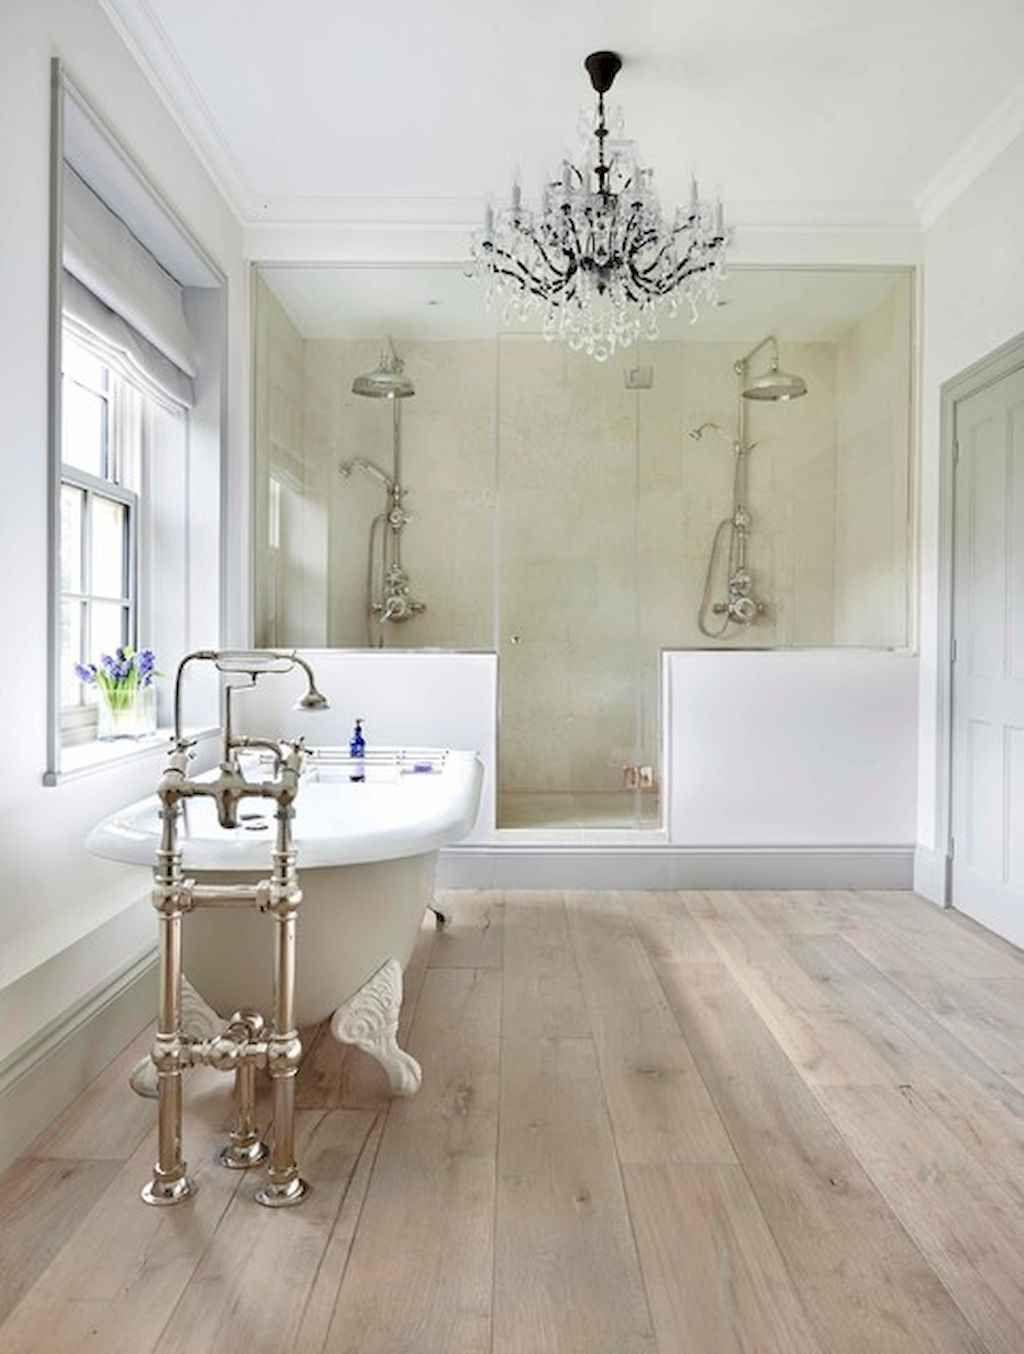 135+ Stunning Farmhouse Bathroom Tile Floor Decor Ideas